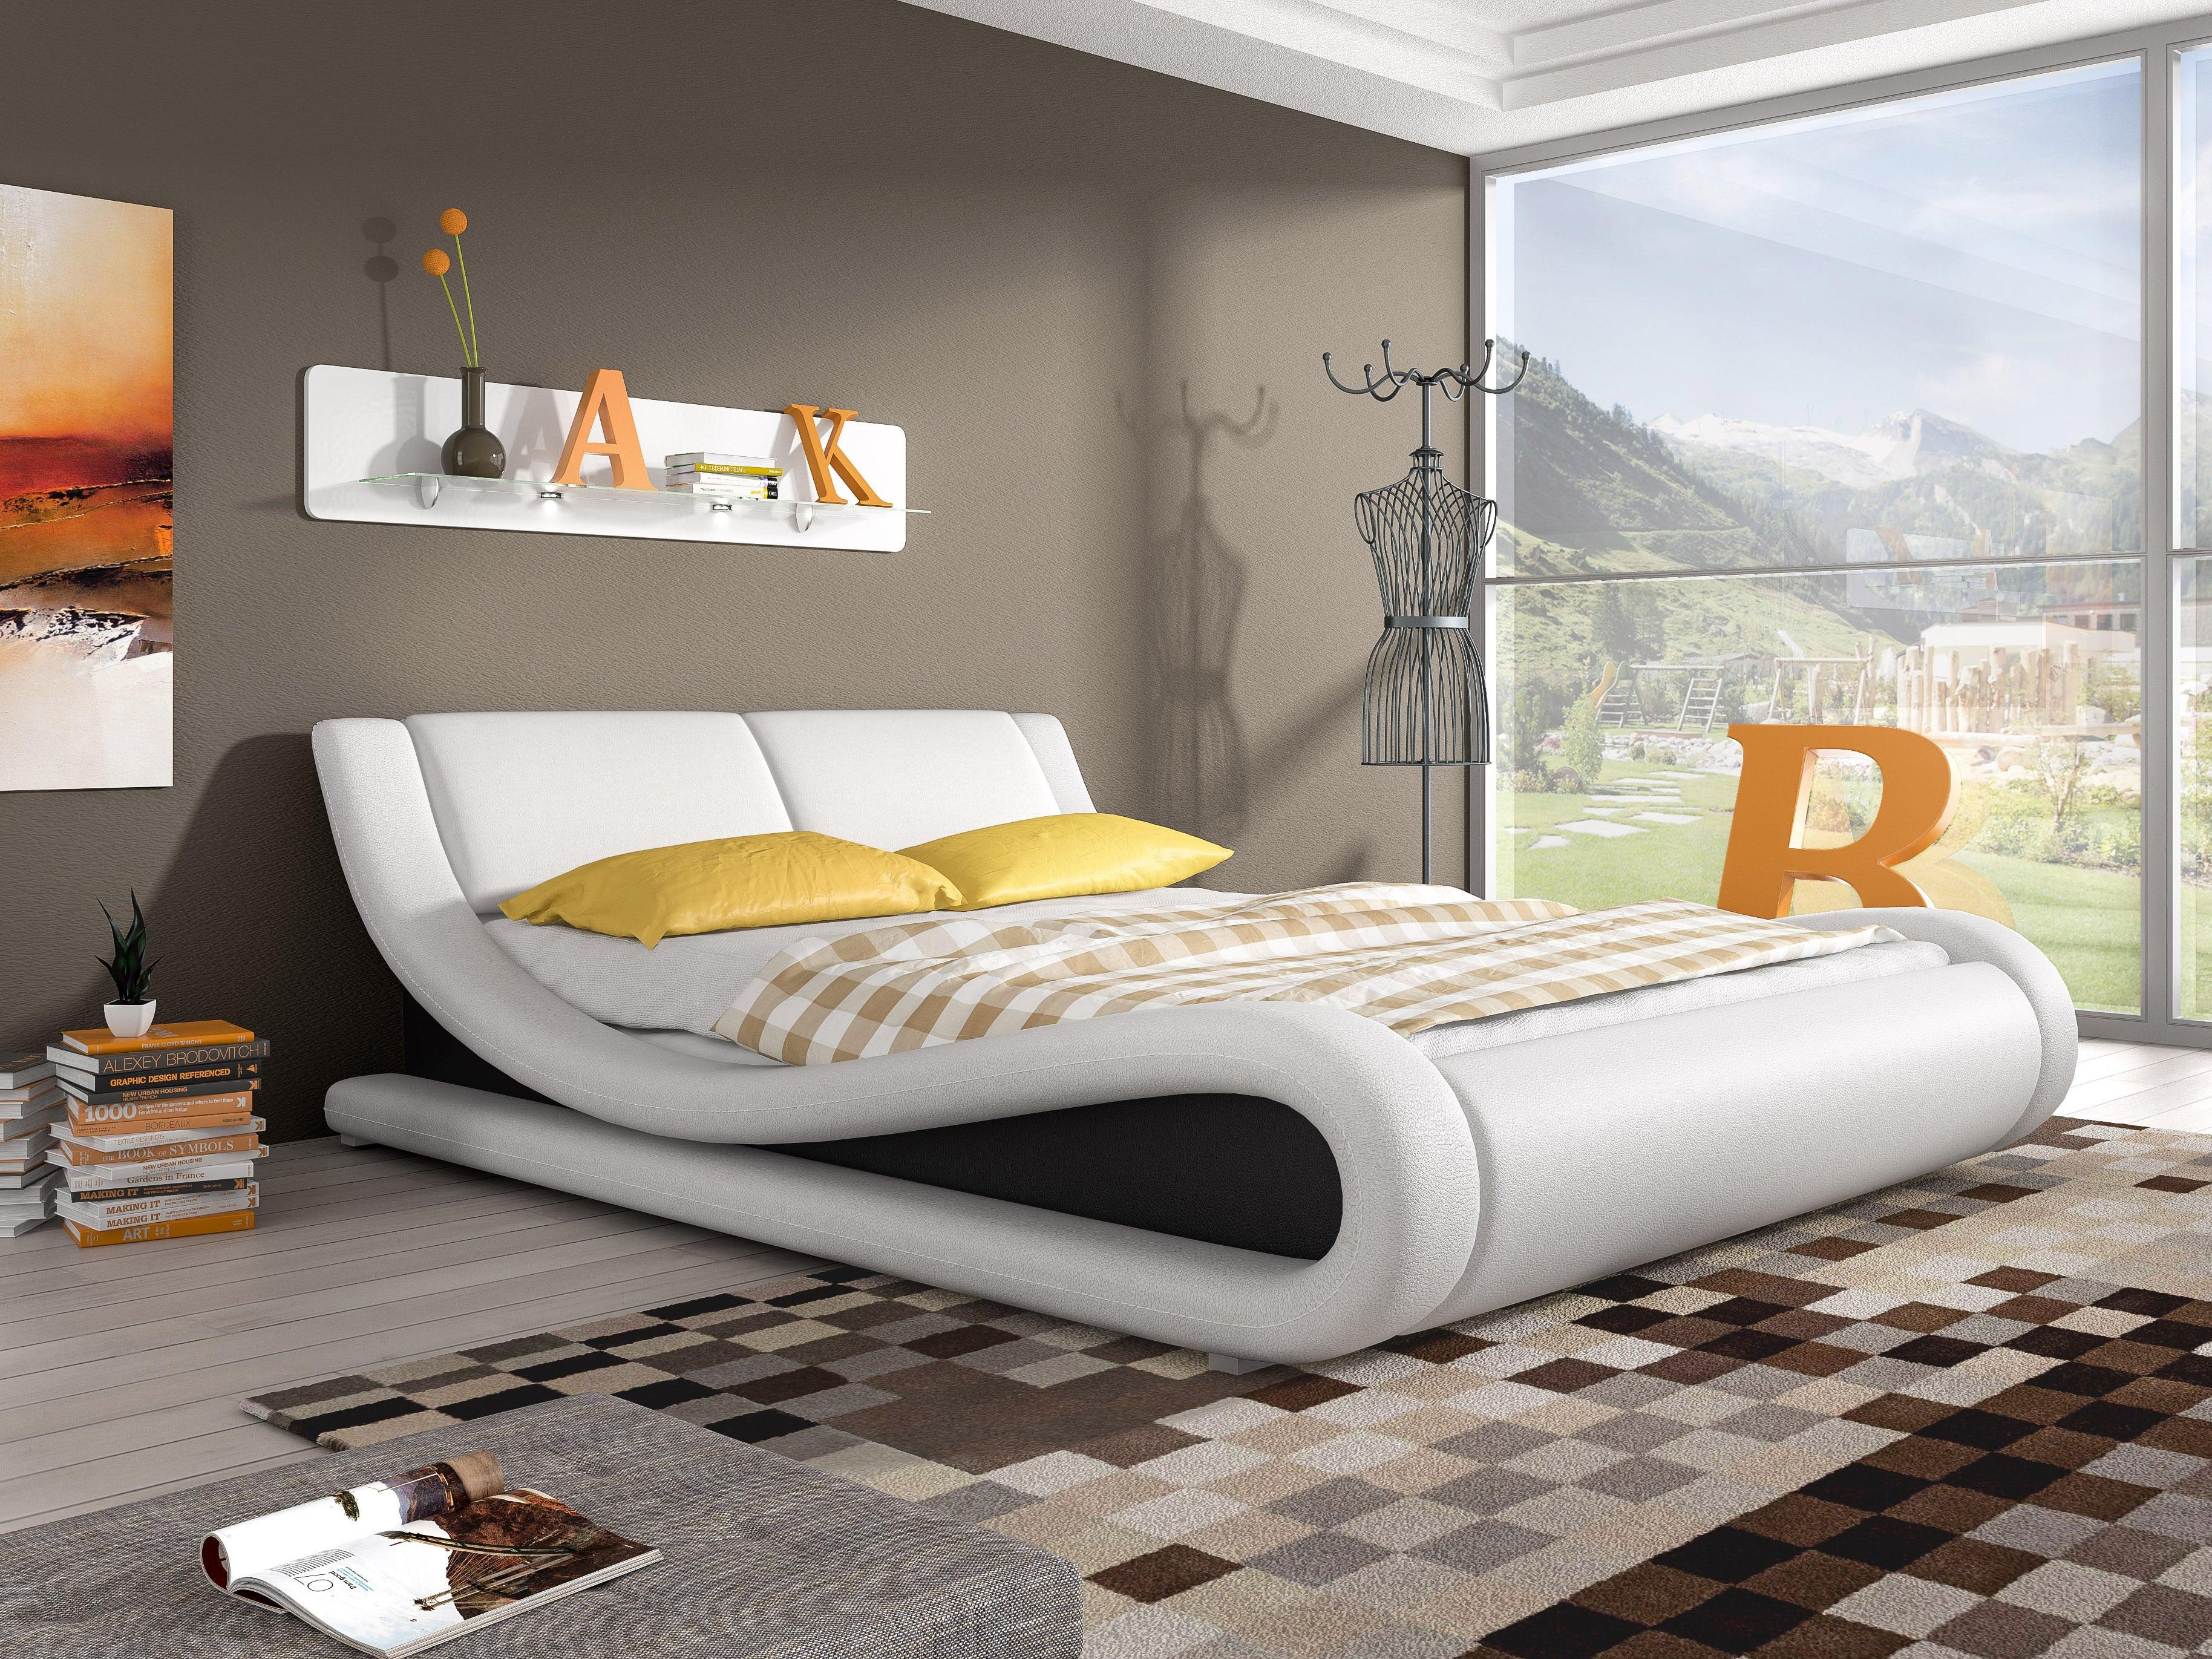 Manželská postel 140 cm - Lilia 13 (s matrací a roštem)